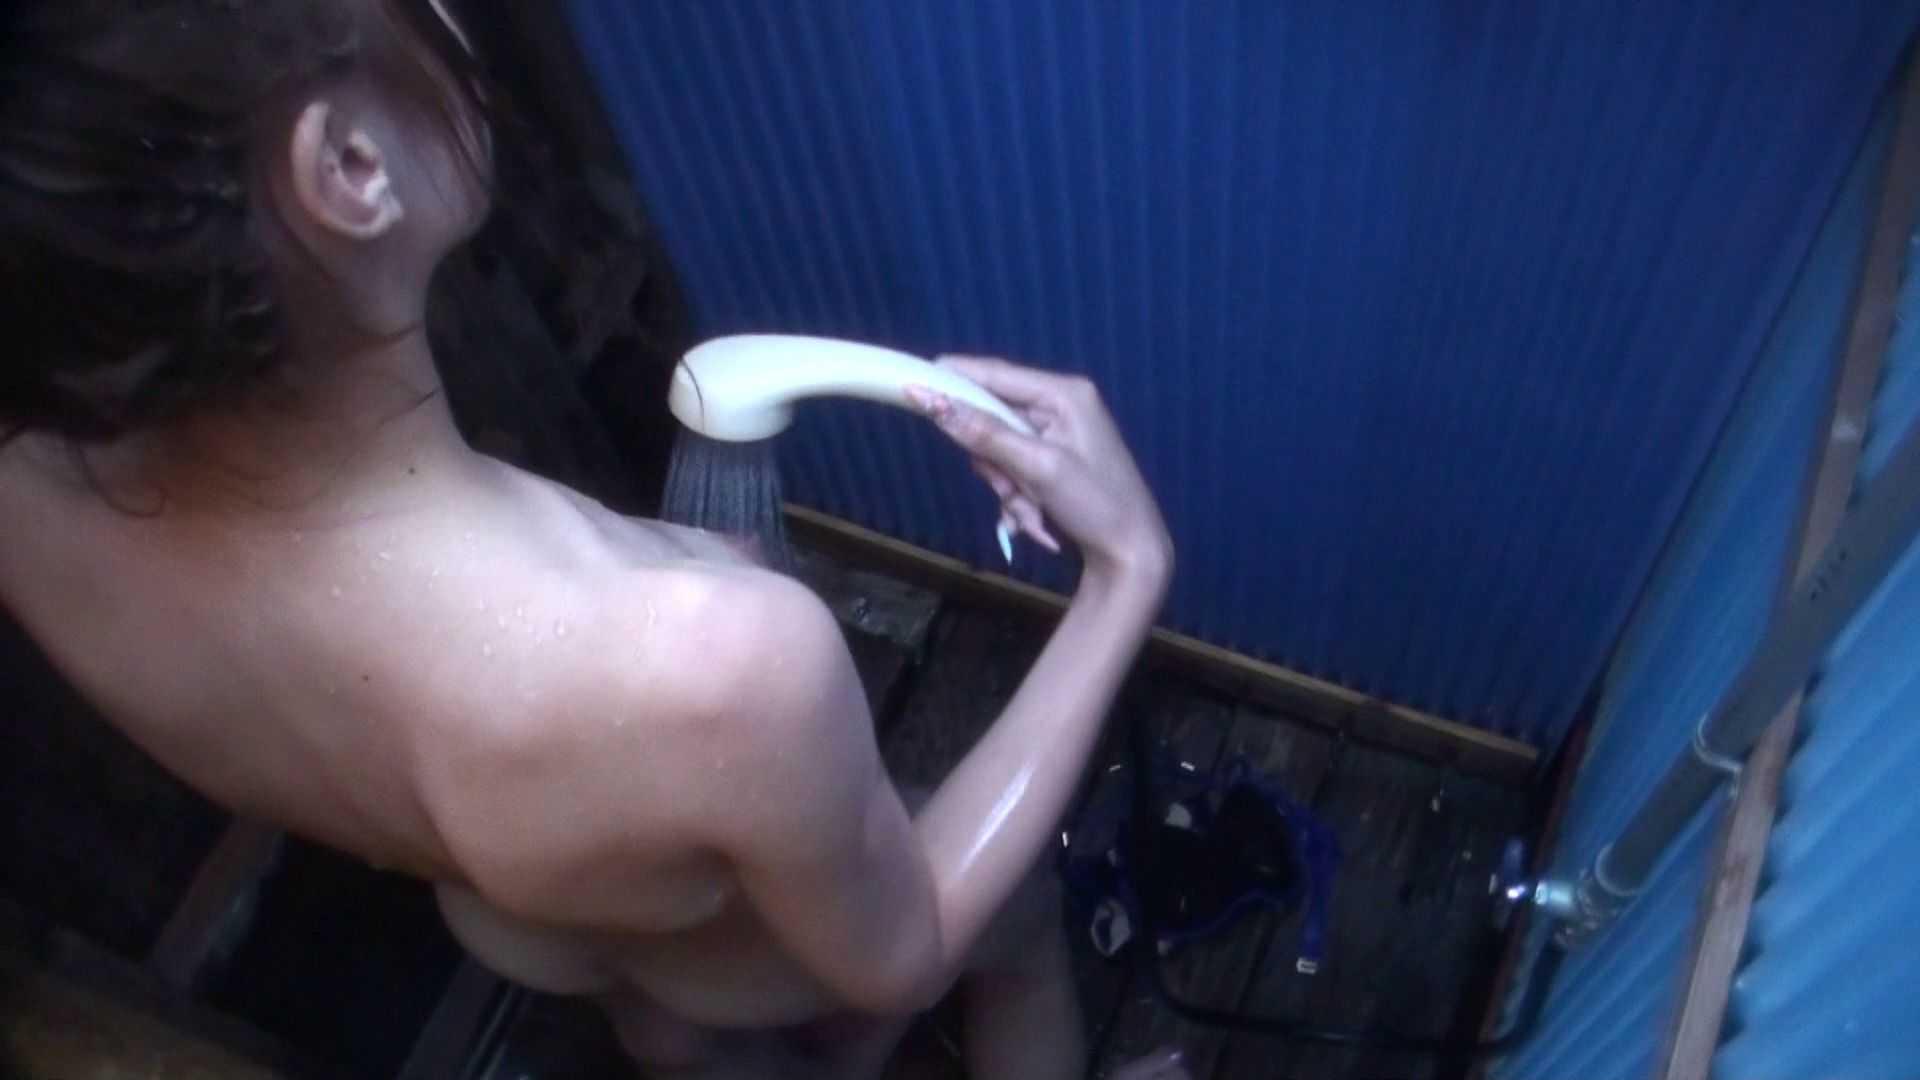 シャワールームは超!!危険な香りVol.9 可愛い顔してやることは大胆です OLの実態   シャワー  95pic 52